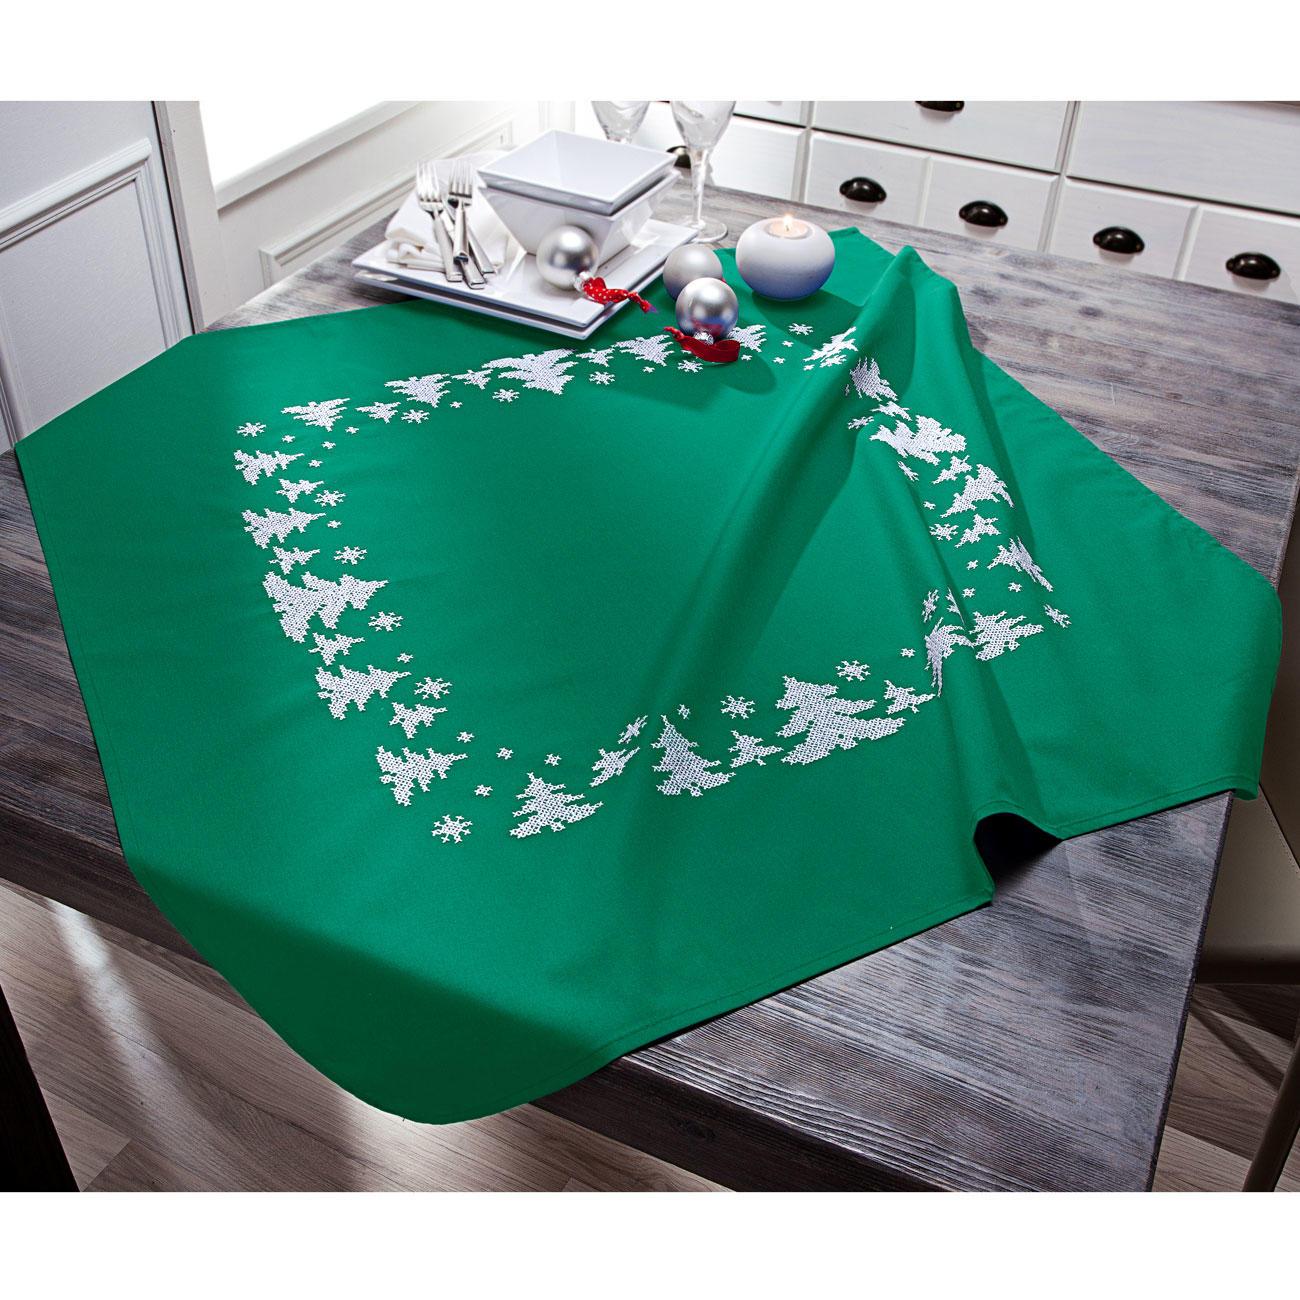 tischdecke winterwald gr n. Black Bedroom Furniture Sets. Home Design Ideas